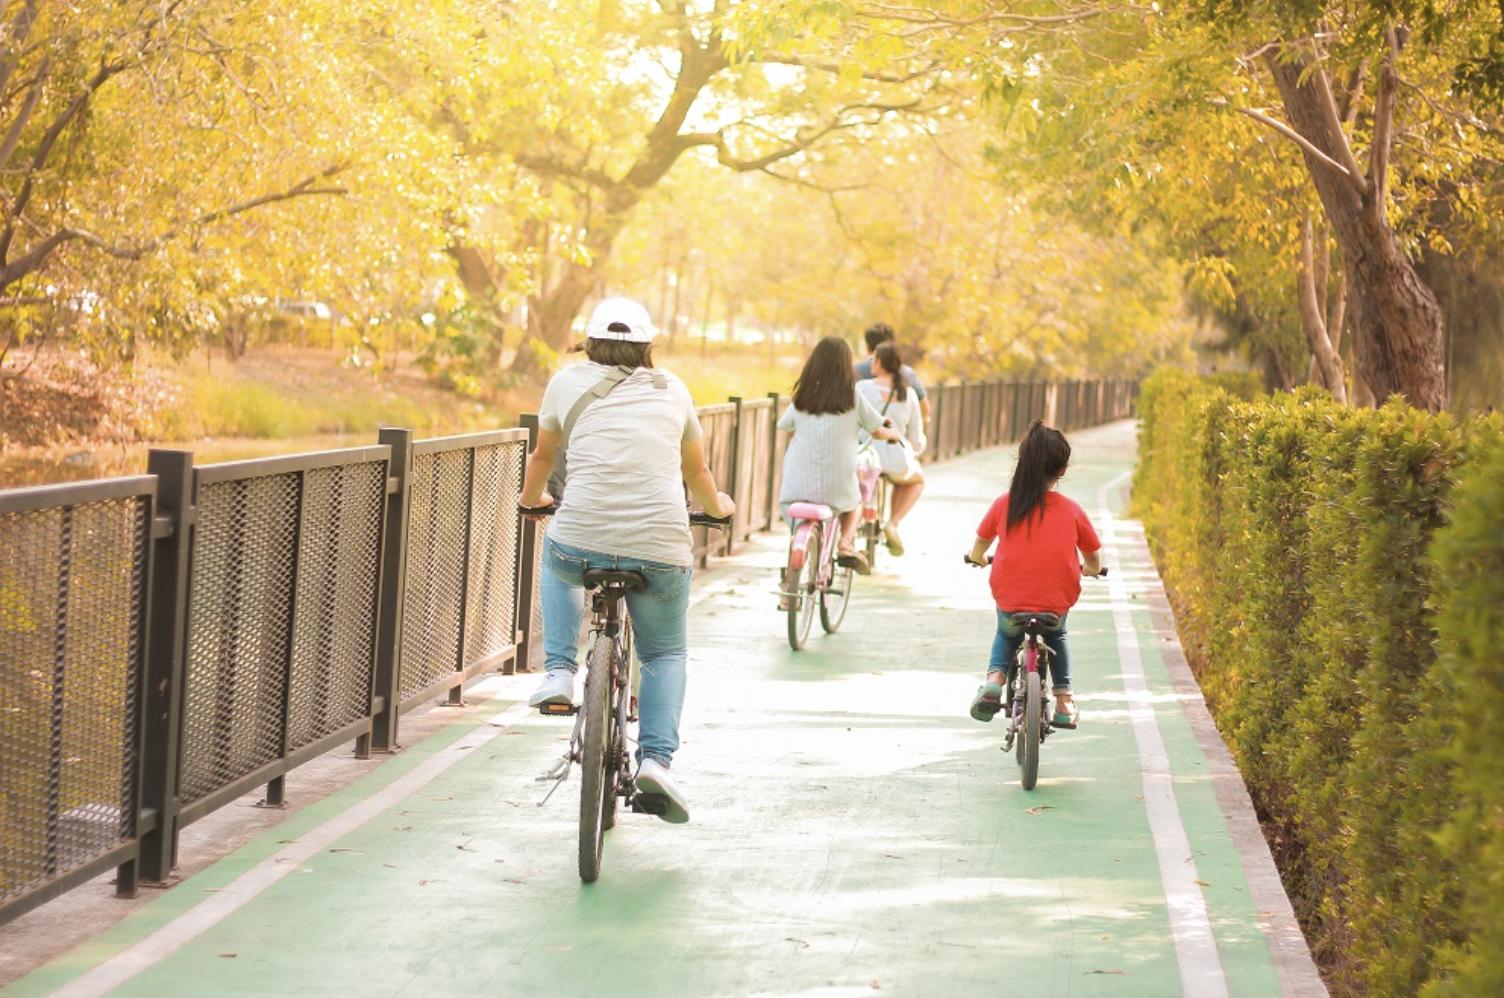 Met de kinderen op fietsvakantie: 4 tips